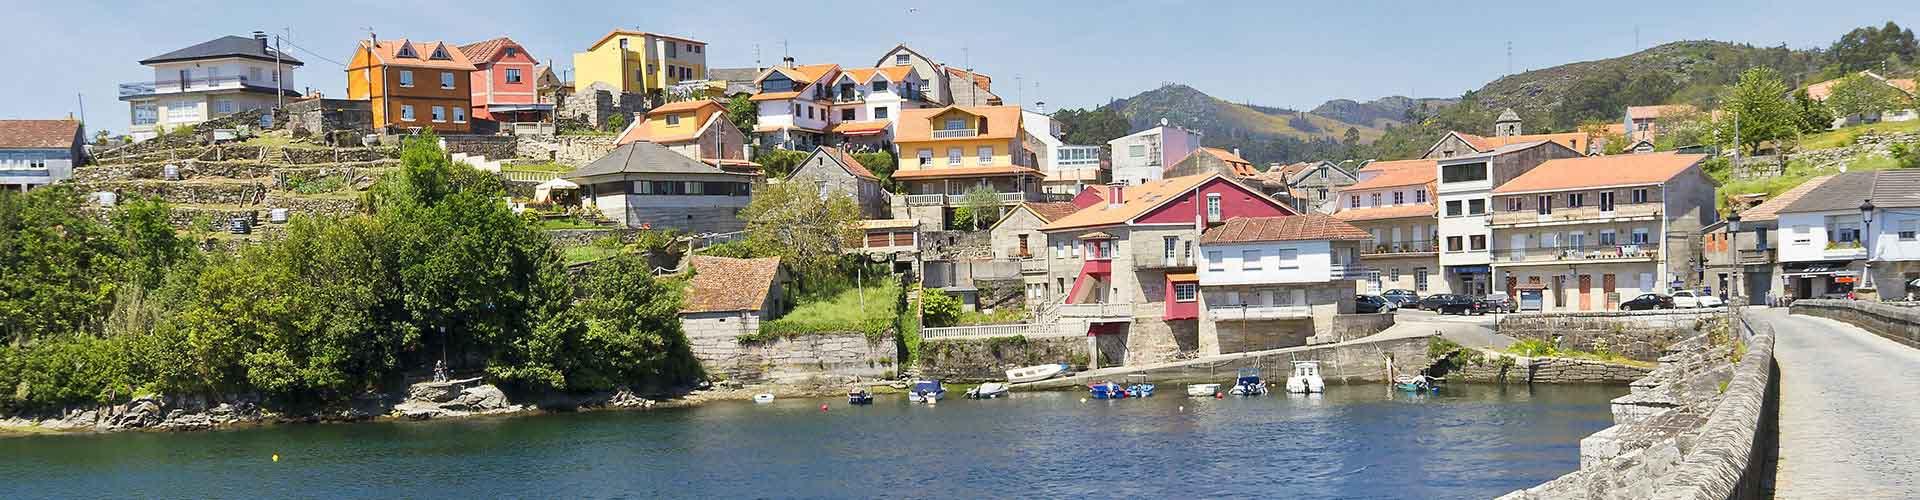 Vigo - Albergues en Vigo. Mapas de Vigo, Fotos y Comentarios para cada Albergue en Vigo.